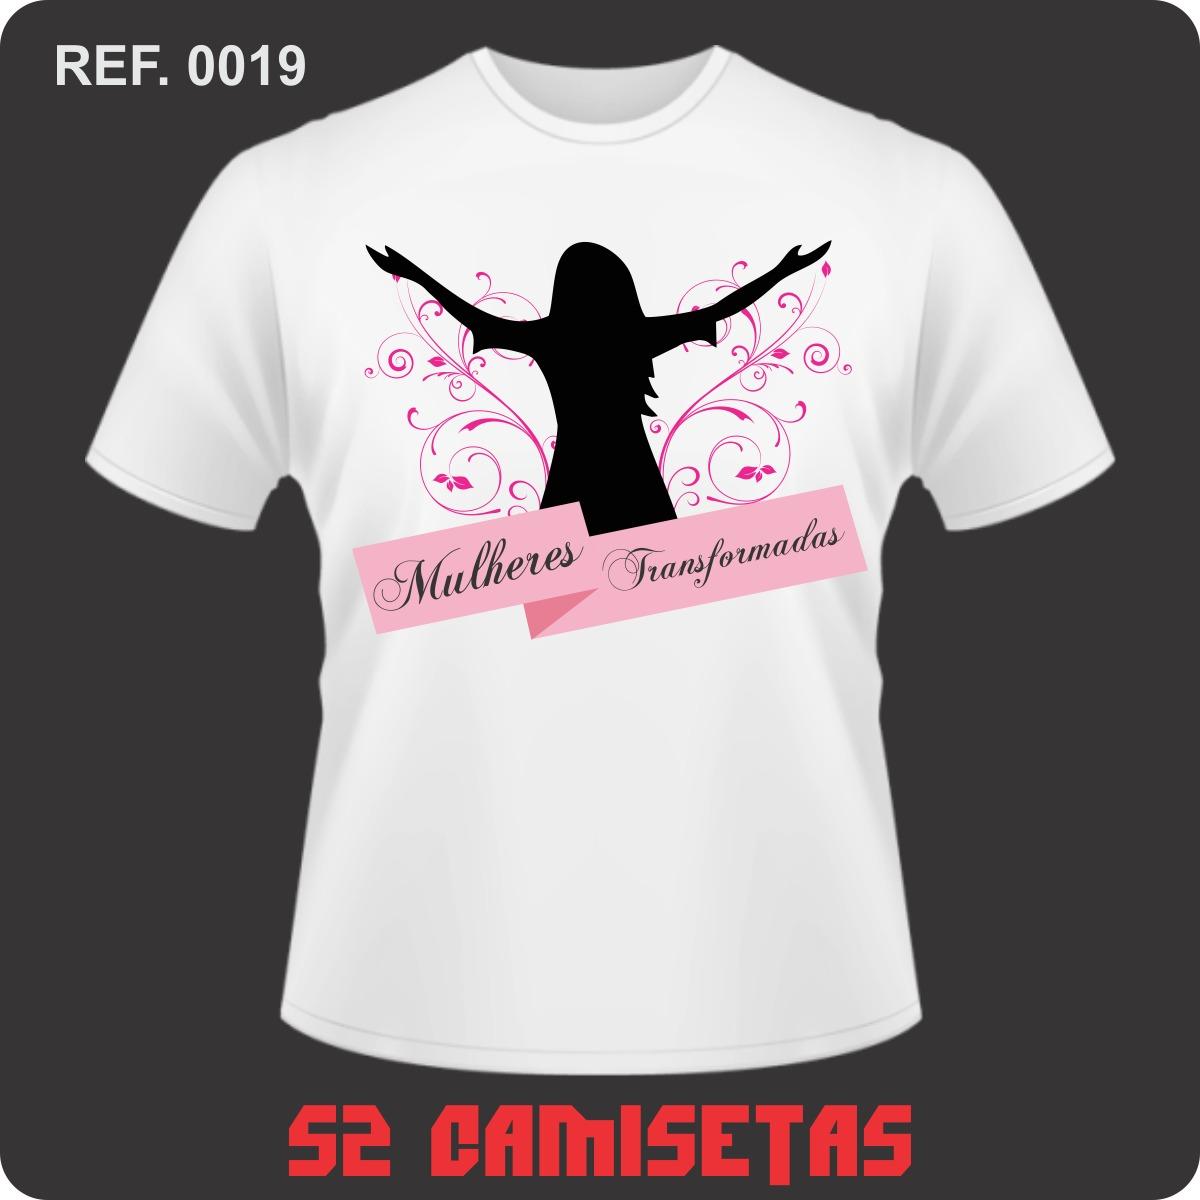 a1b9ff1f3a camisa camiseta personalizada - mulheres transformadas. Carregando zoom.